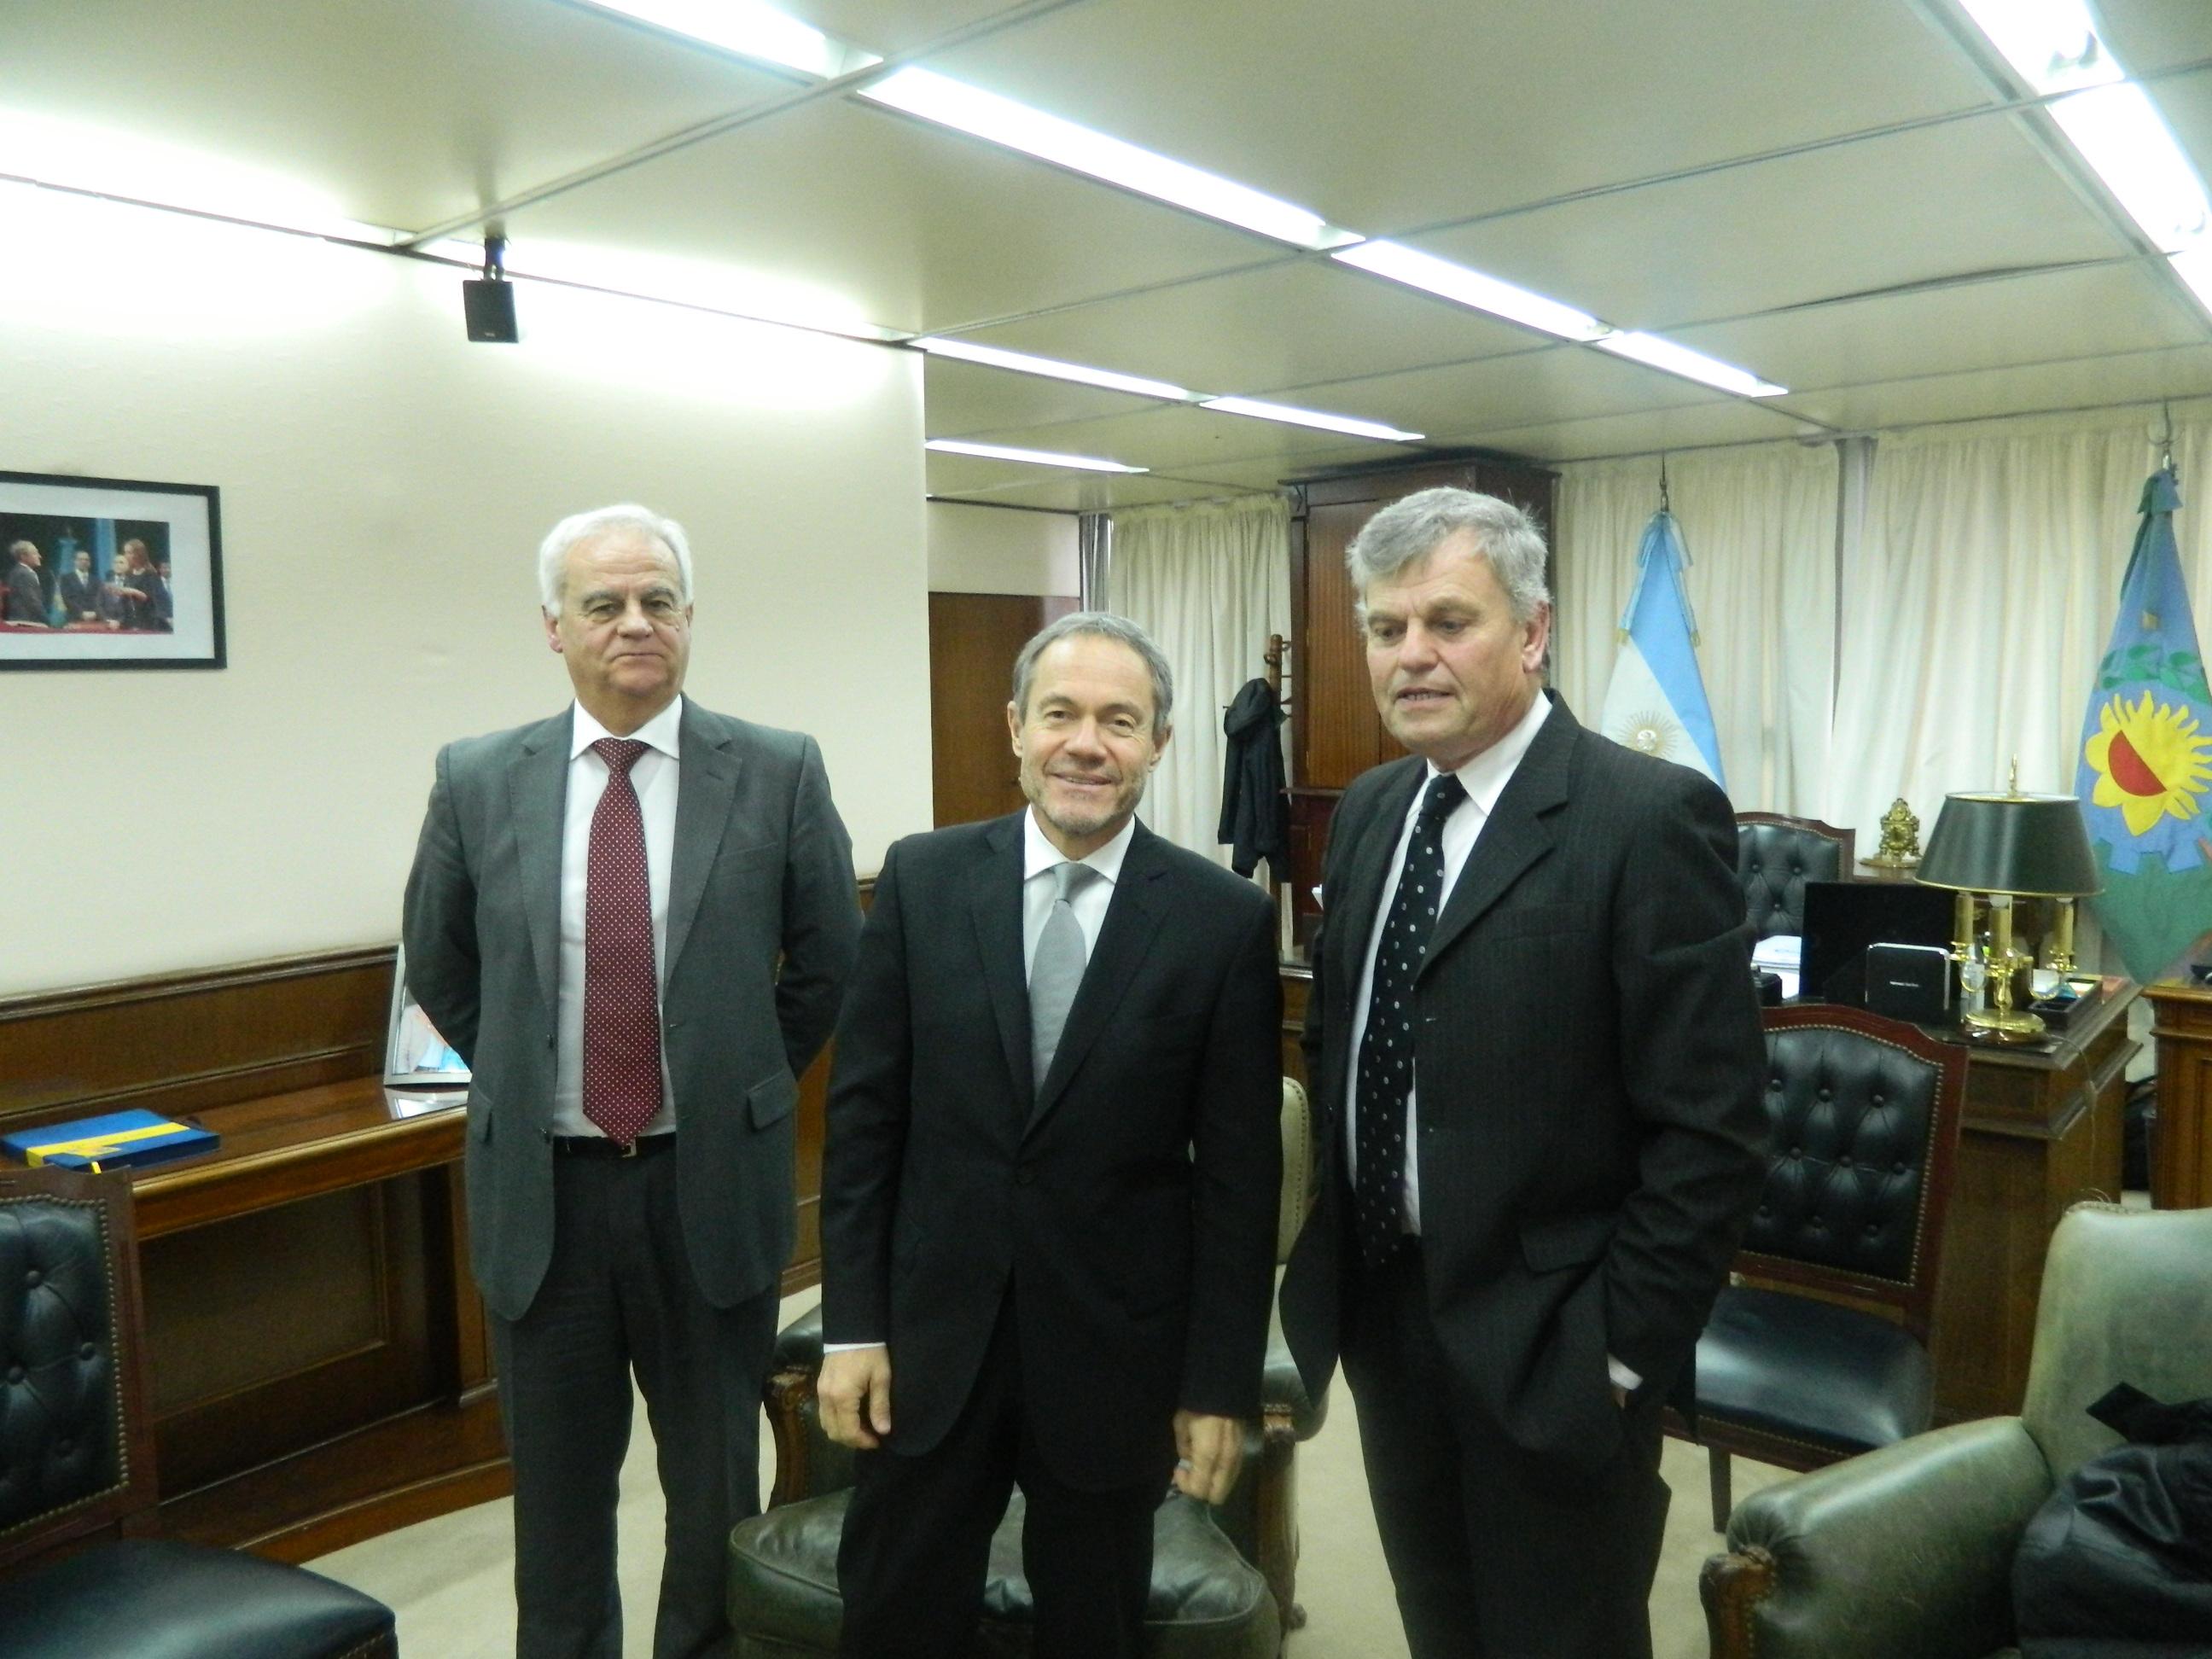 Gentile, Ferrai y Honores, al término de la reunión en el ministerio de Justicia.